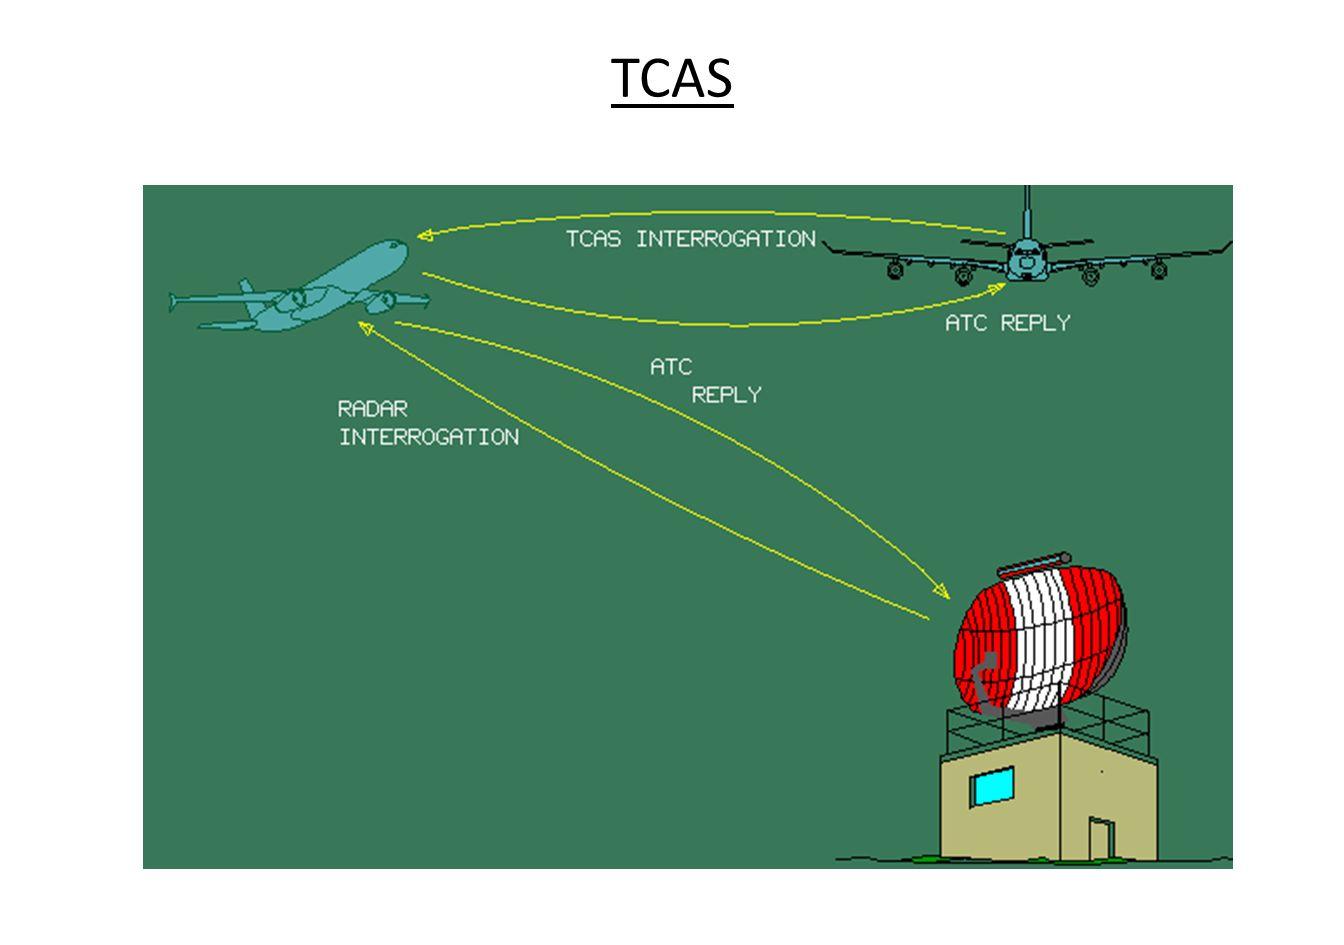 SISTEMA DE NAVEGAÇÃO DOPPLER O sistema de navegação DOPPLER computa e apresenta, contínua e automaticamente, a velocidade em relação à terra ( GROUND SPEED ) e o ângulo de deriva (DRIFT ANGLE) de uma aeronave em vôo.